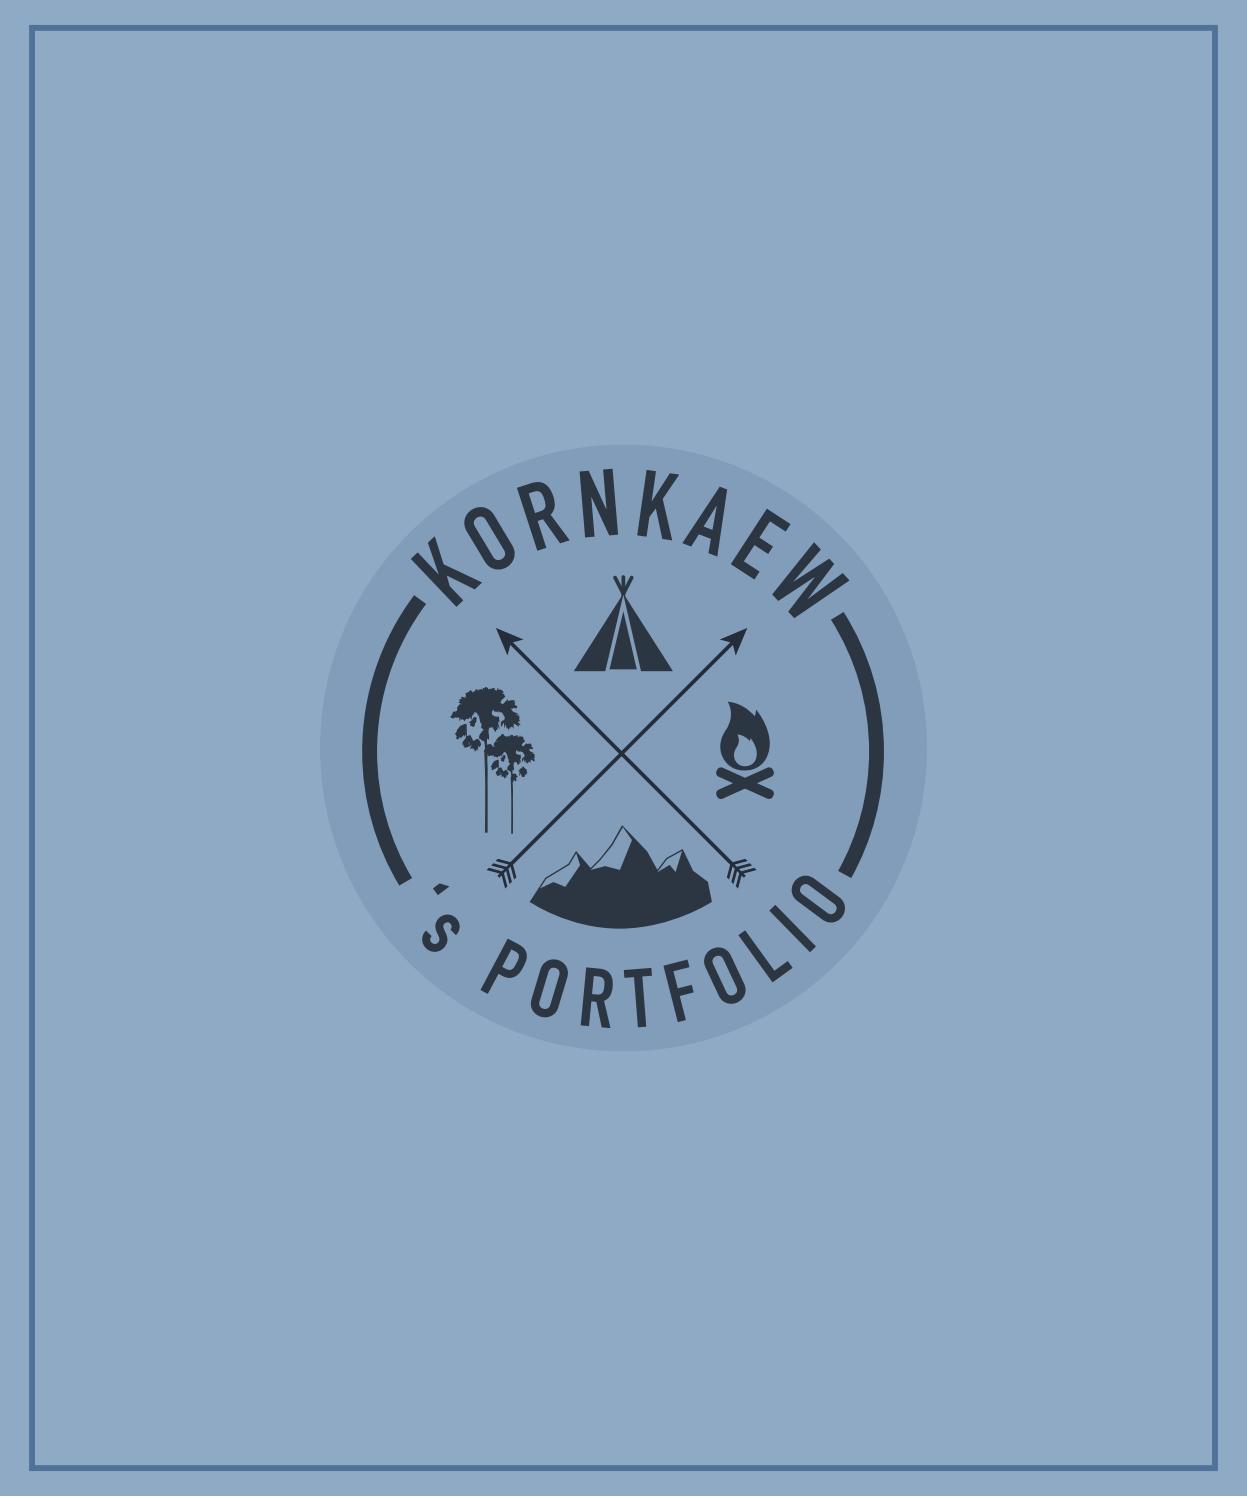 2015则�#����W�n��&_KornkaewsPortfolio2016byiamkornkaew-Issuu